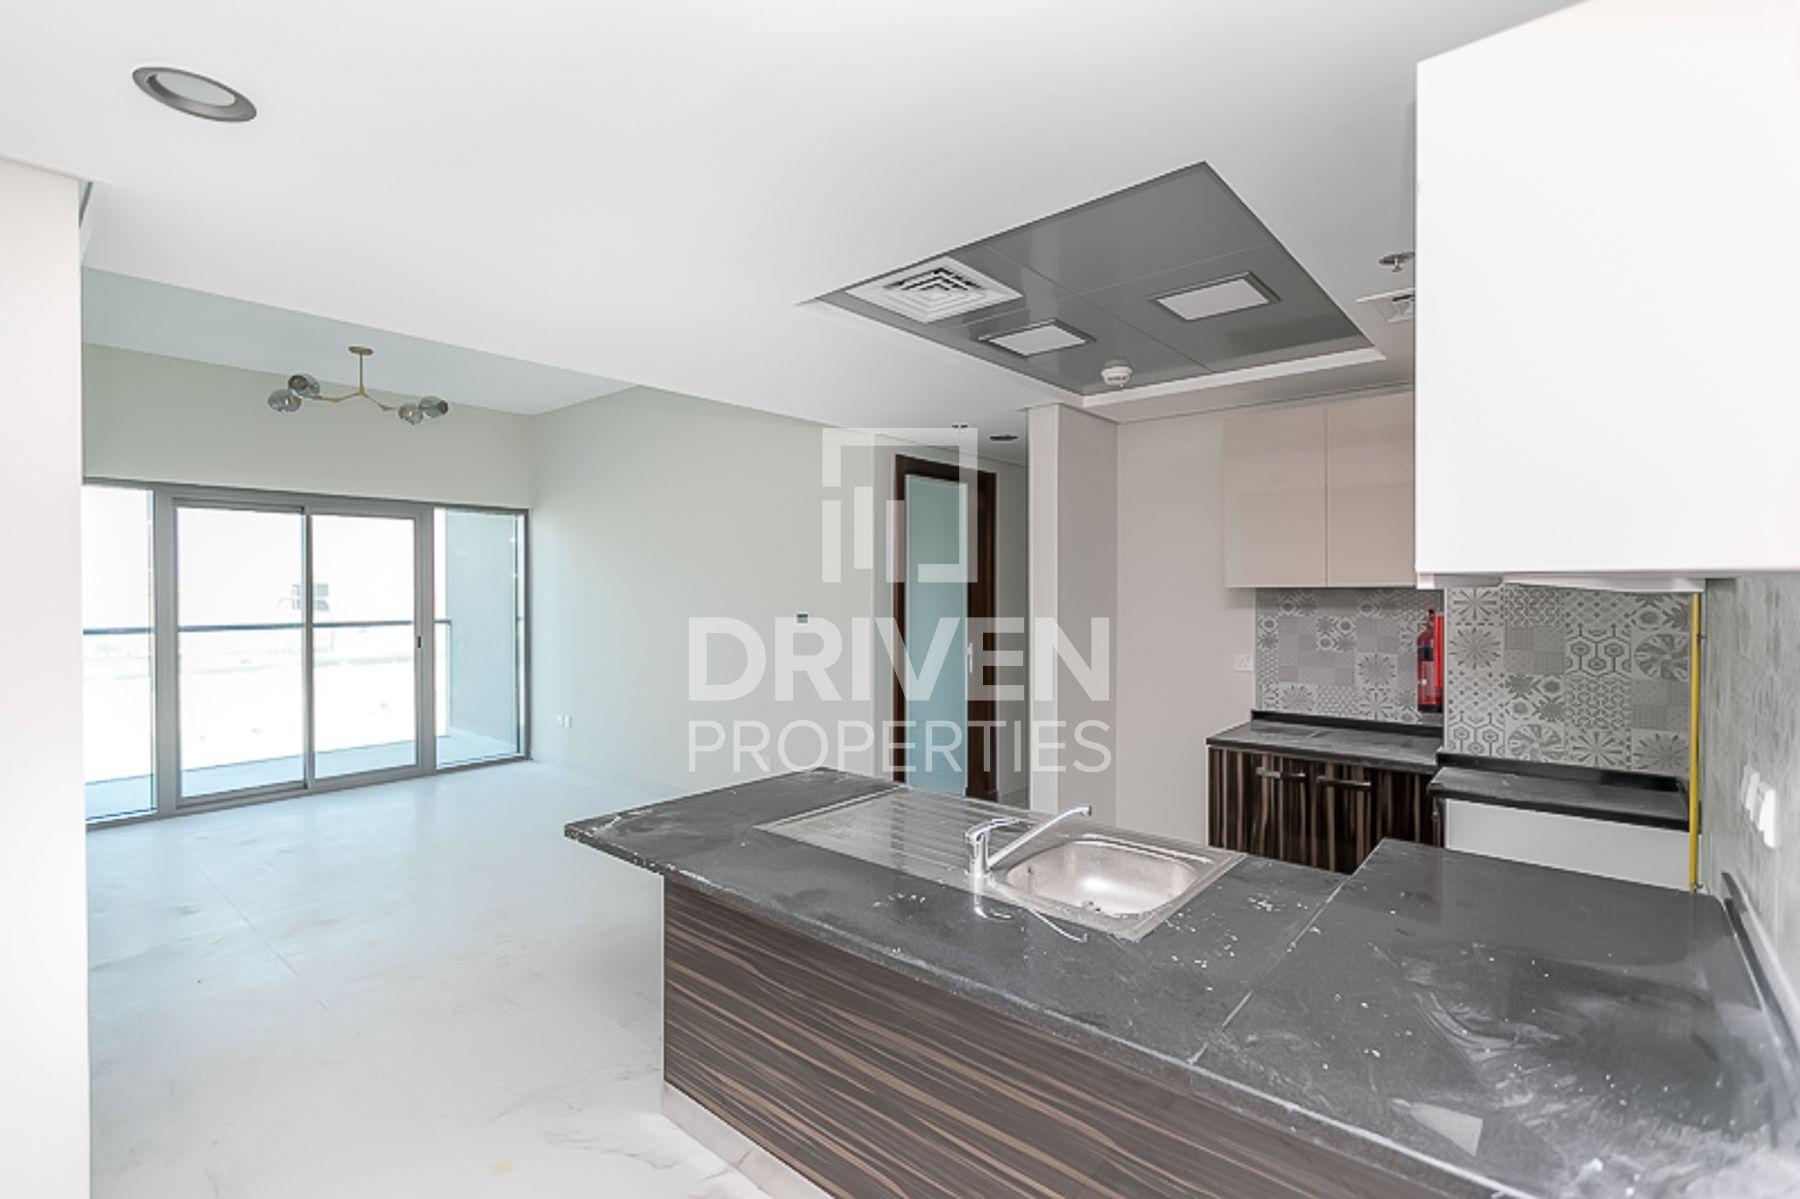 640 قدم مربع  شقة - للبيع - دبي الجنوب (مركز دبي العالمي)